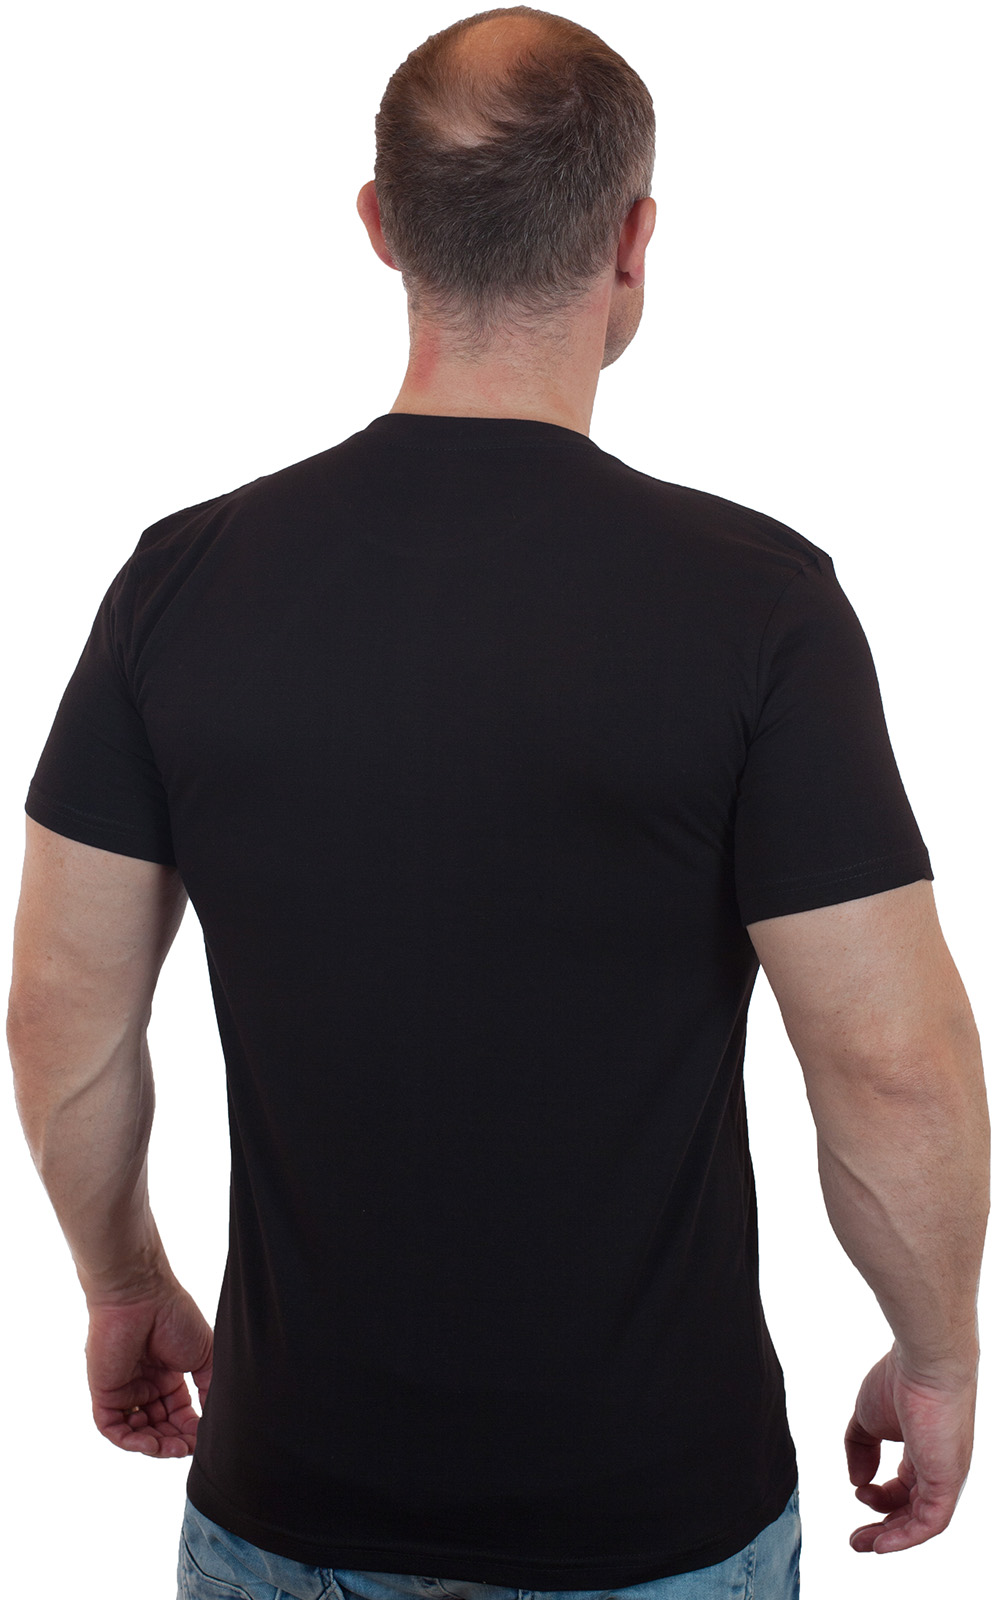 Лаконичная футболка с вышитым шевроном Приволжский округ МВД - купить с доставкой